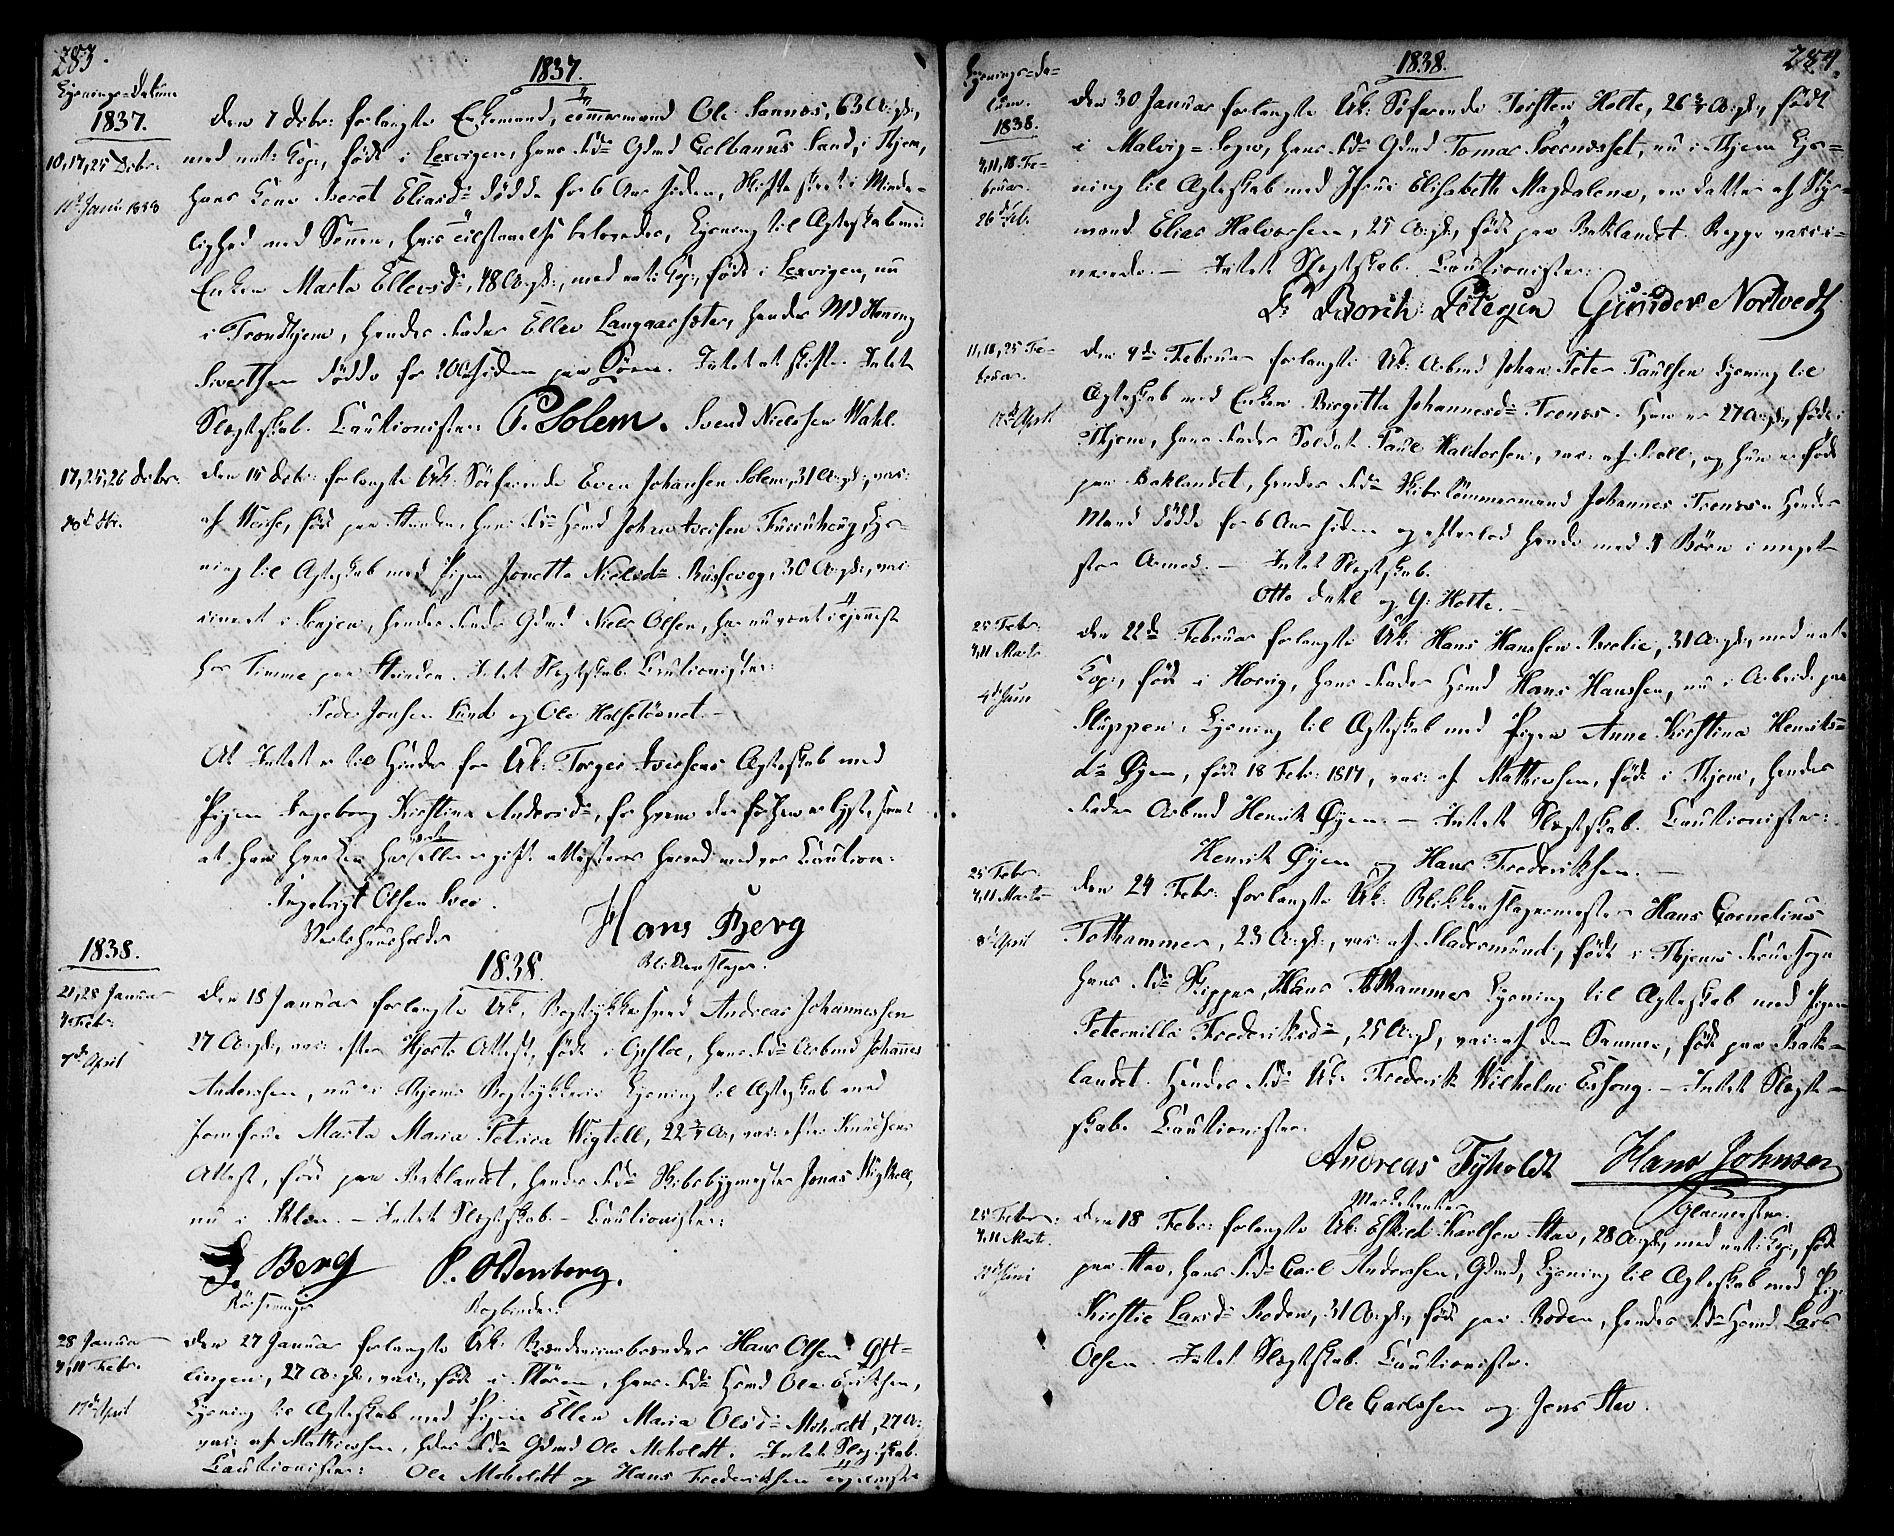 SAT, Ministerialprotokoller, klokkerbøker og fødselsregistre - Sør-Trøndelag, 604/L0181: Ministerialbok nr. 604A02, 1798-1817, s. 283-284